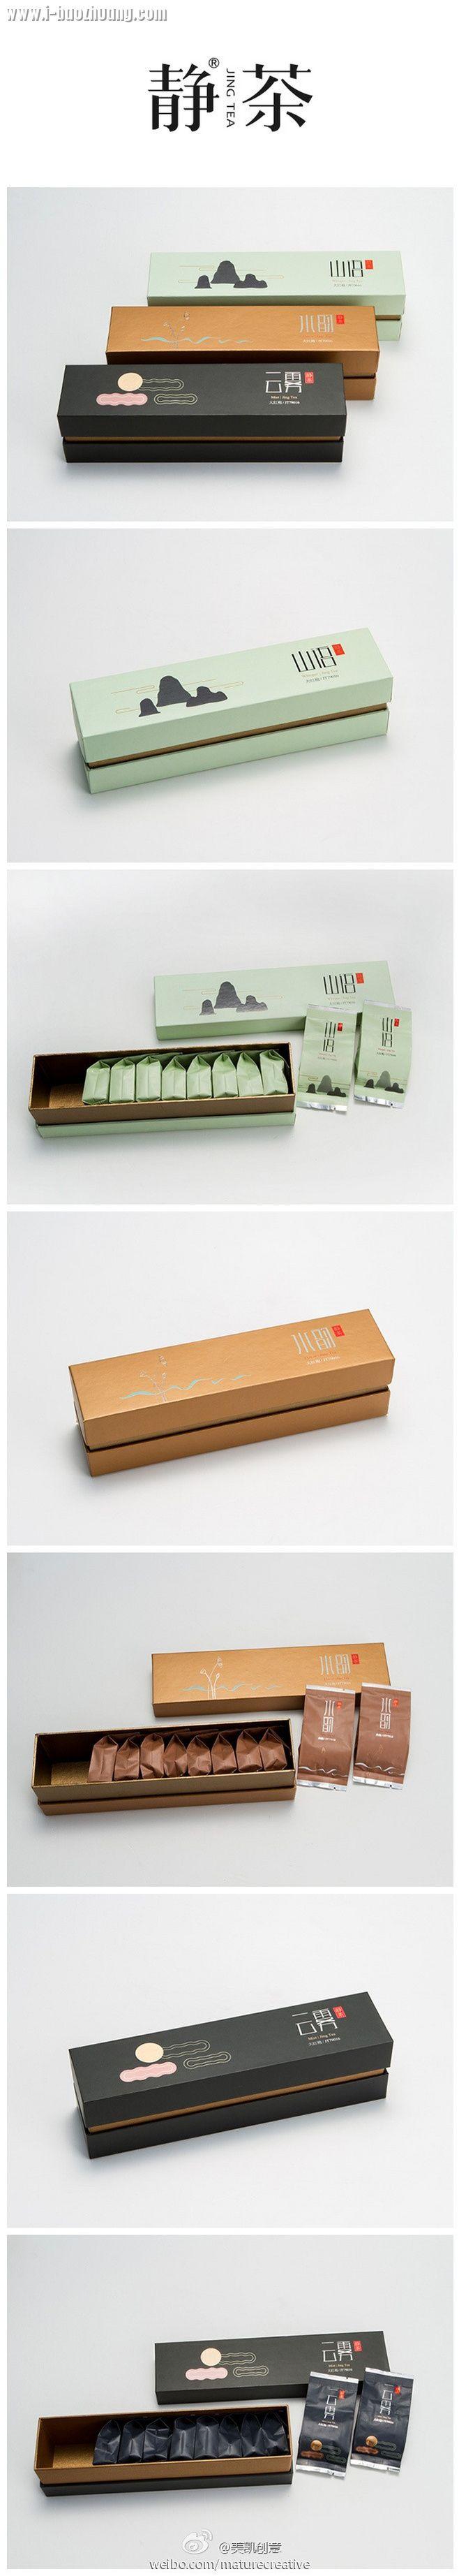 茶包装@www.i-baozhuang.com采集到茶包装(1464图)_花瓣工业设计